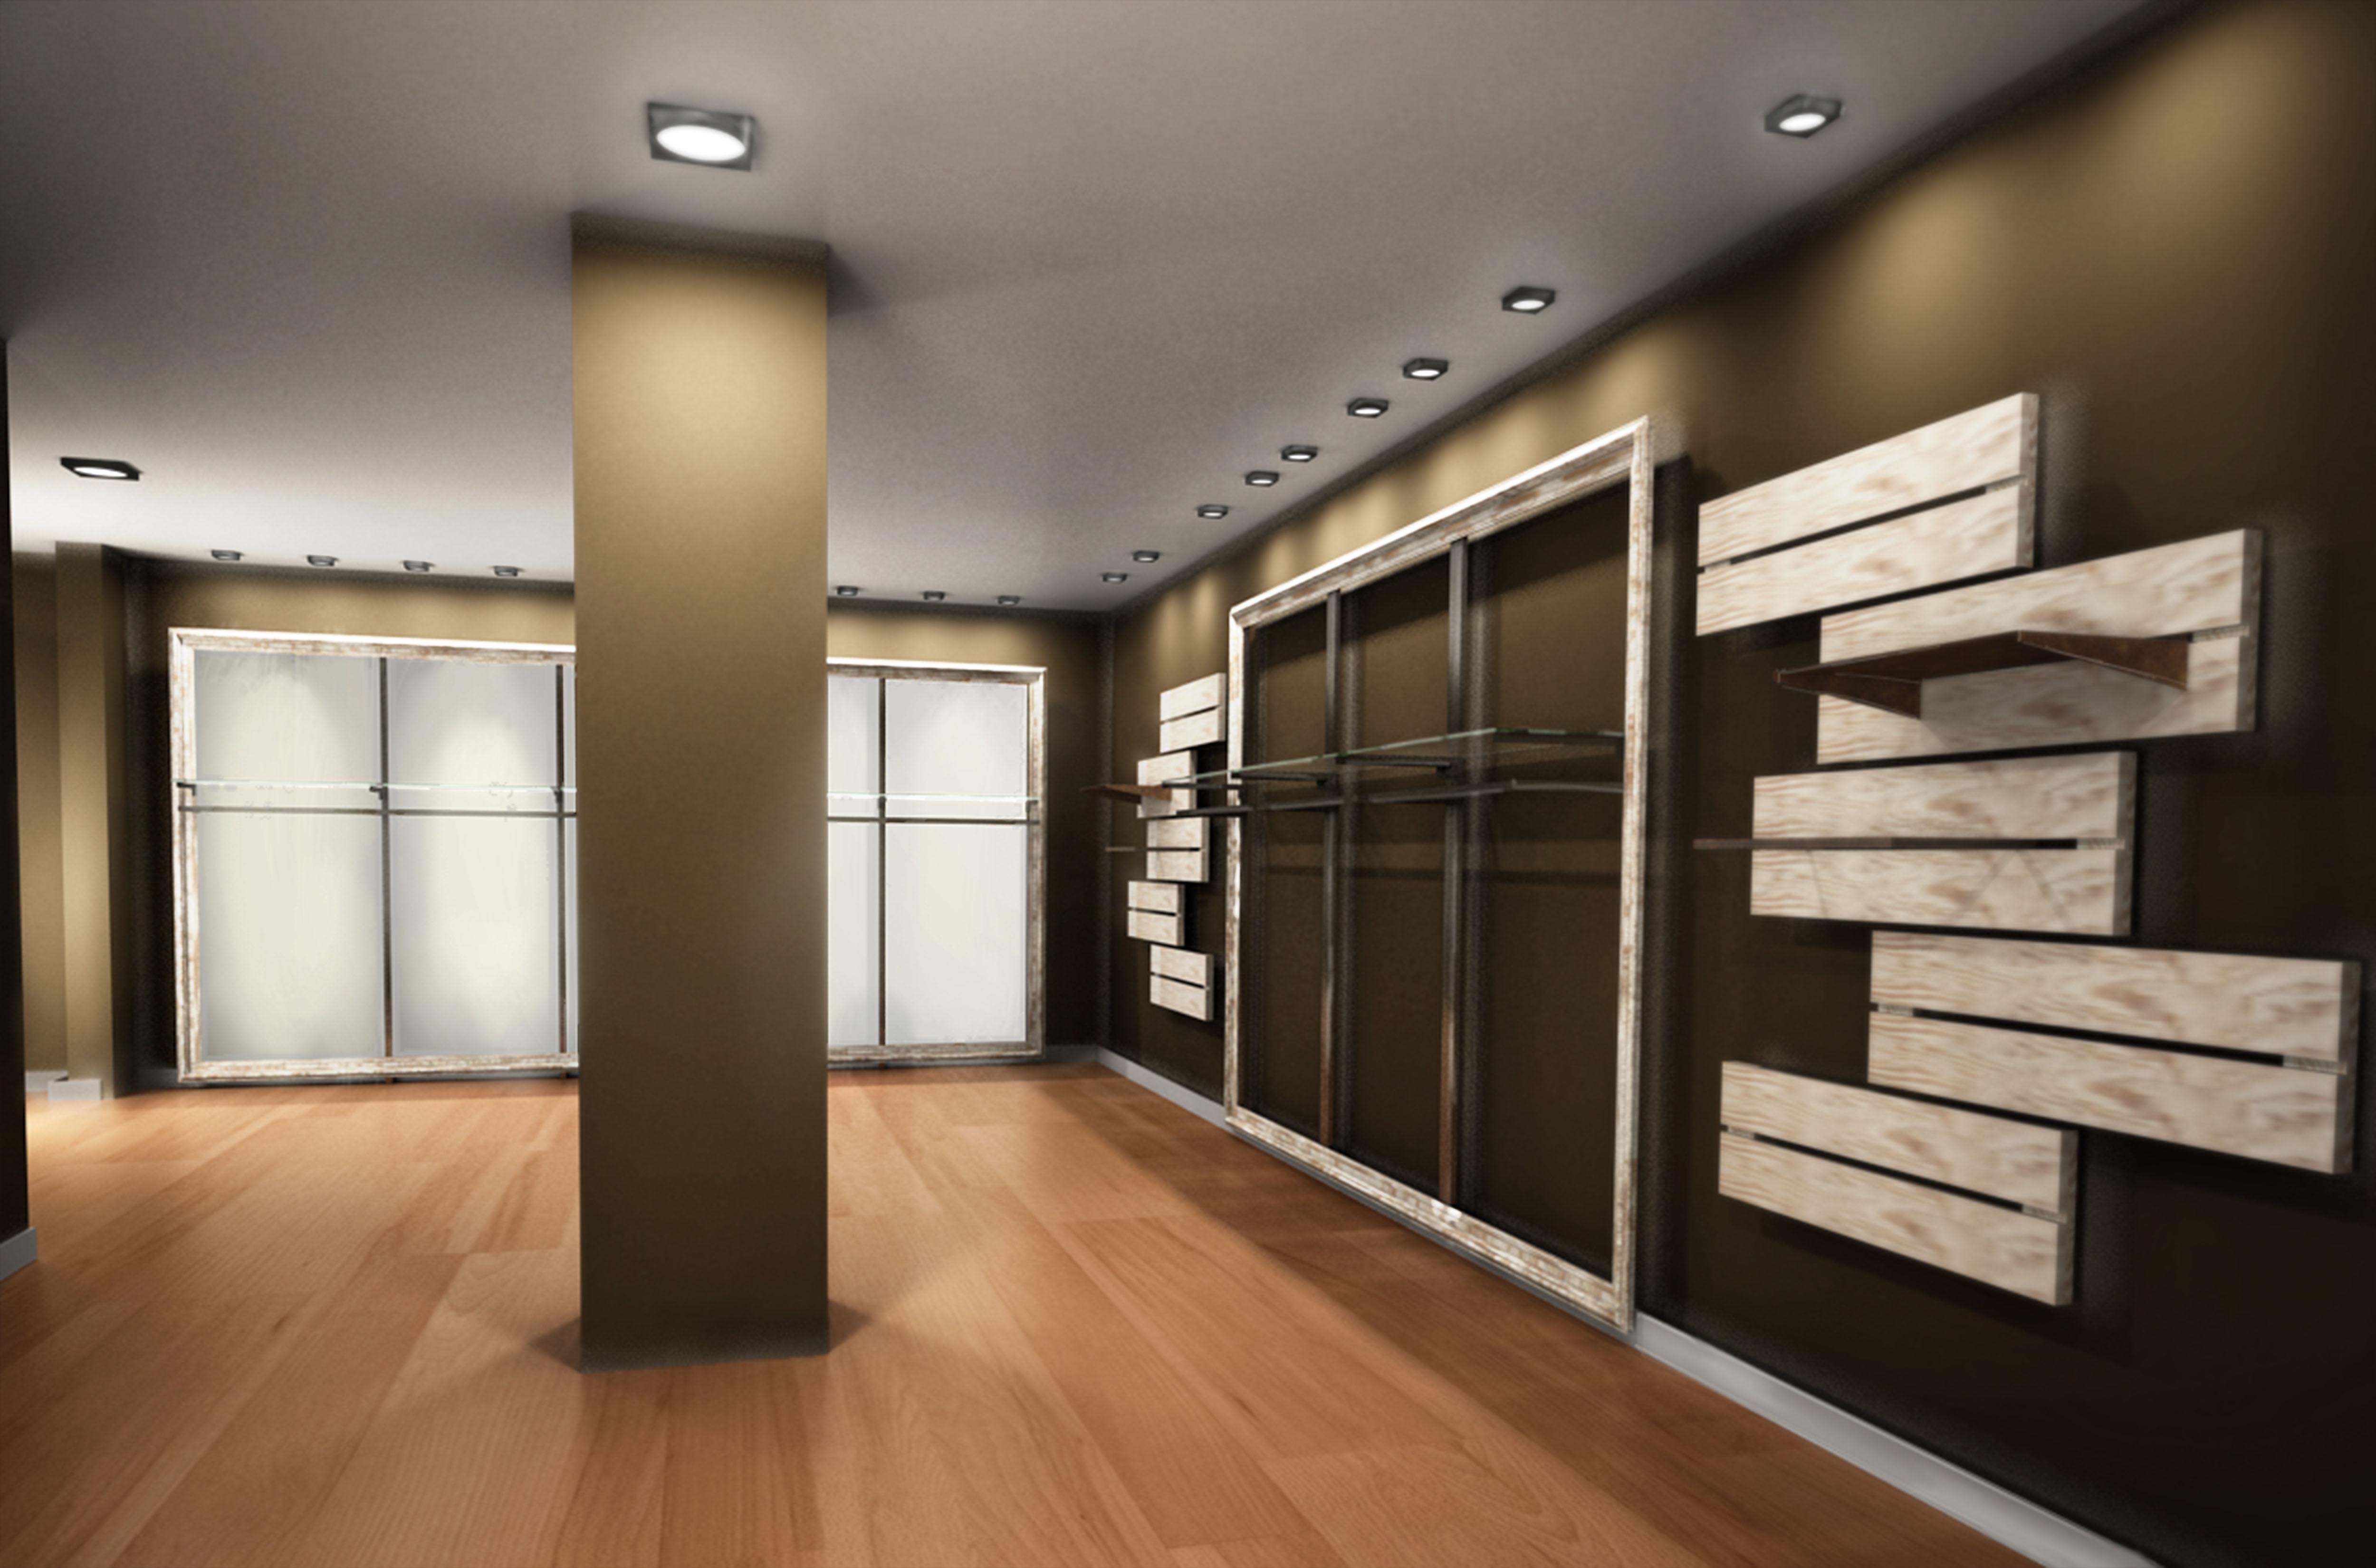 Nuovo arredamento negozio abbigliamento realizzato per ciangola